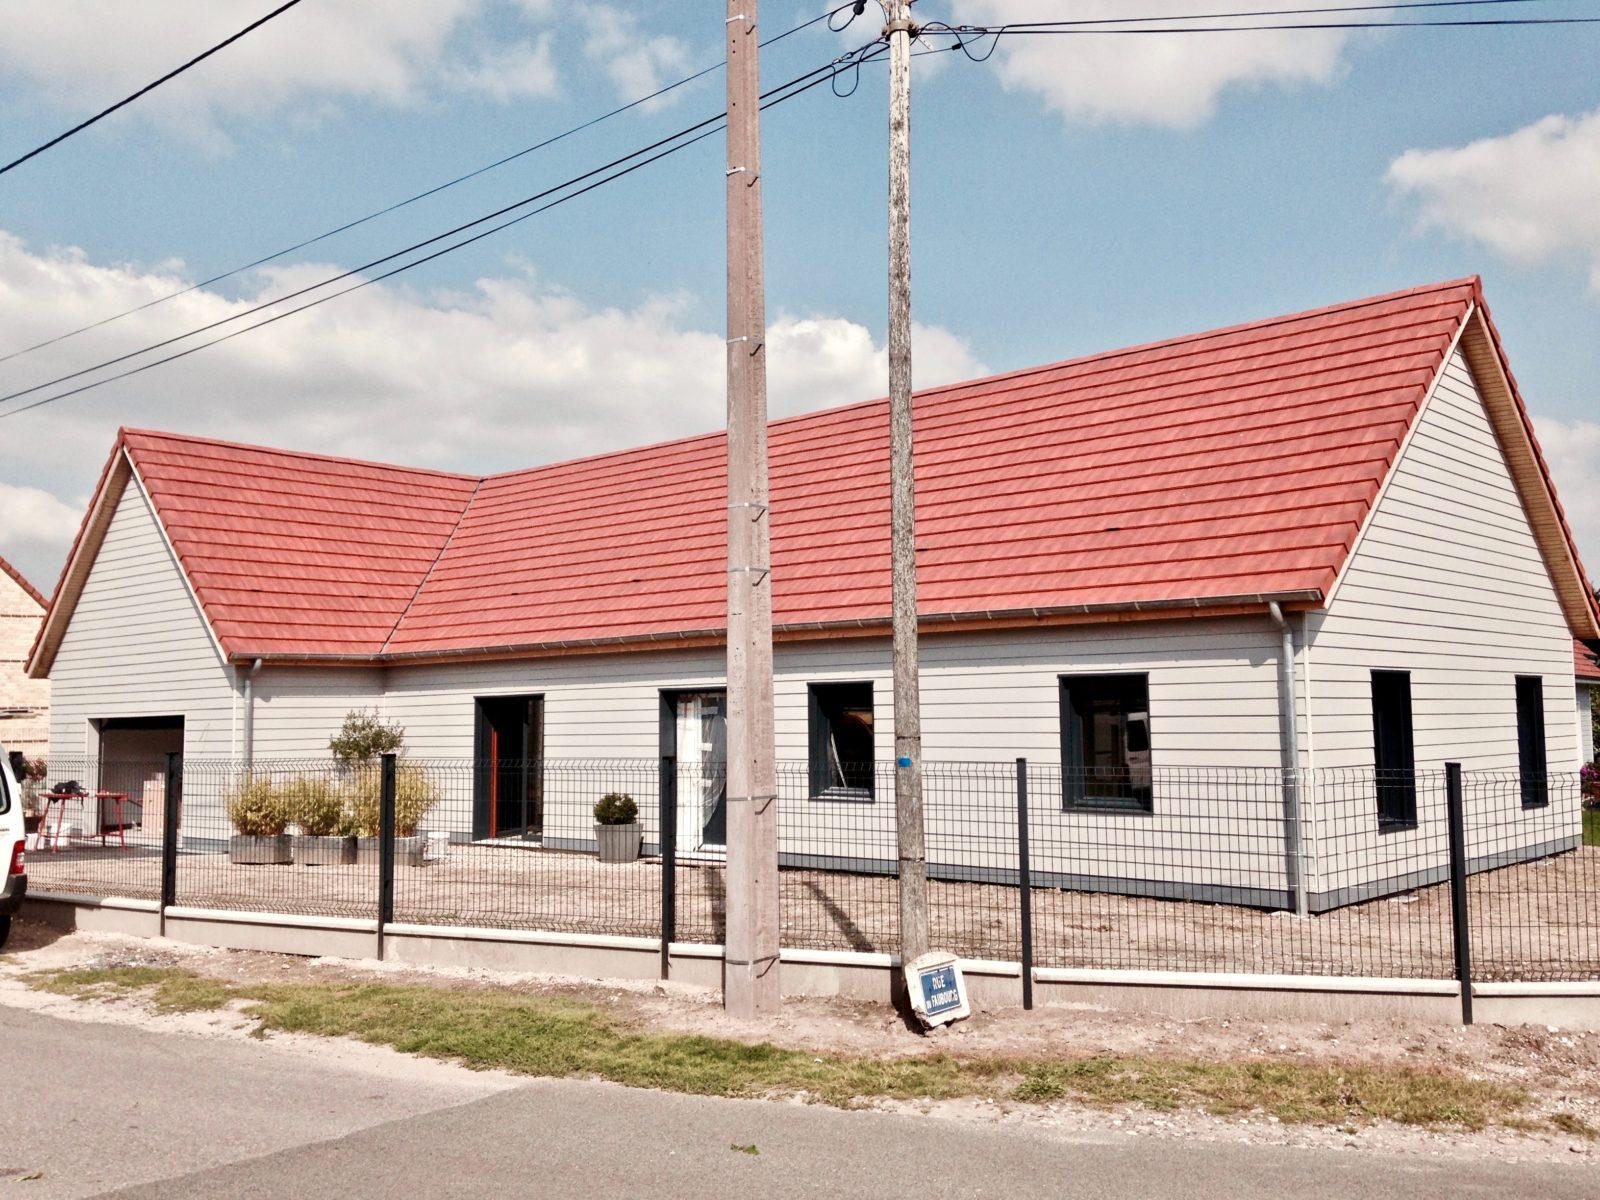 Maison traditionnelle plein pied